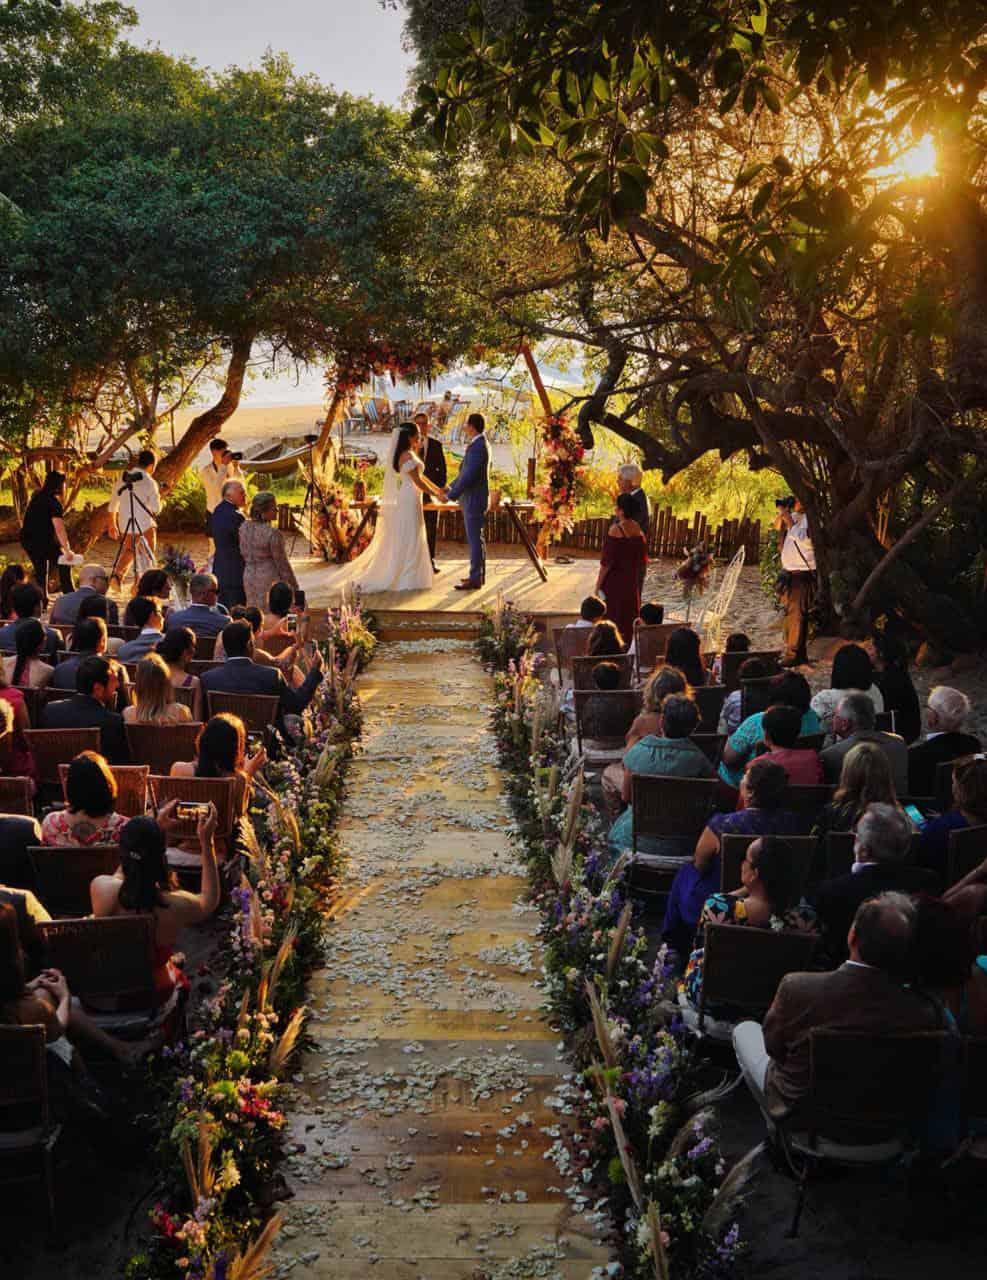 casamento-em-buzios-casamento-na-praia-cerimonia-ao-ar-livre-fotografia-celso-junior43